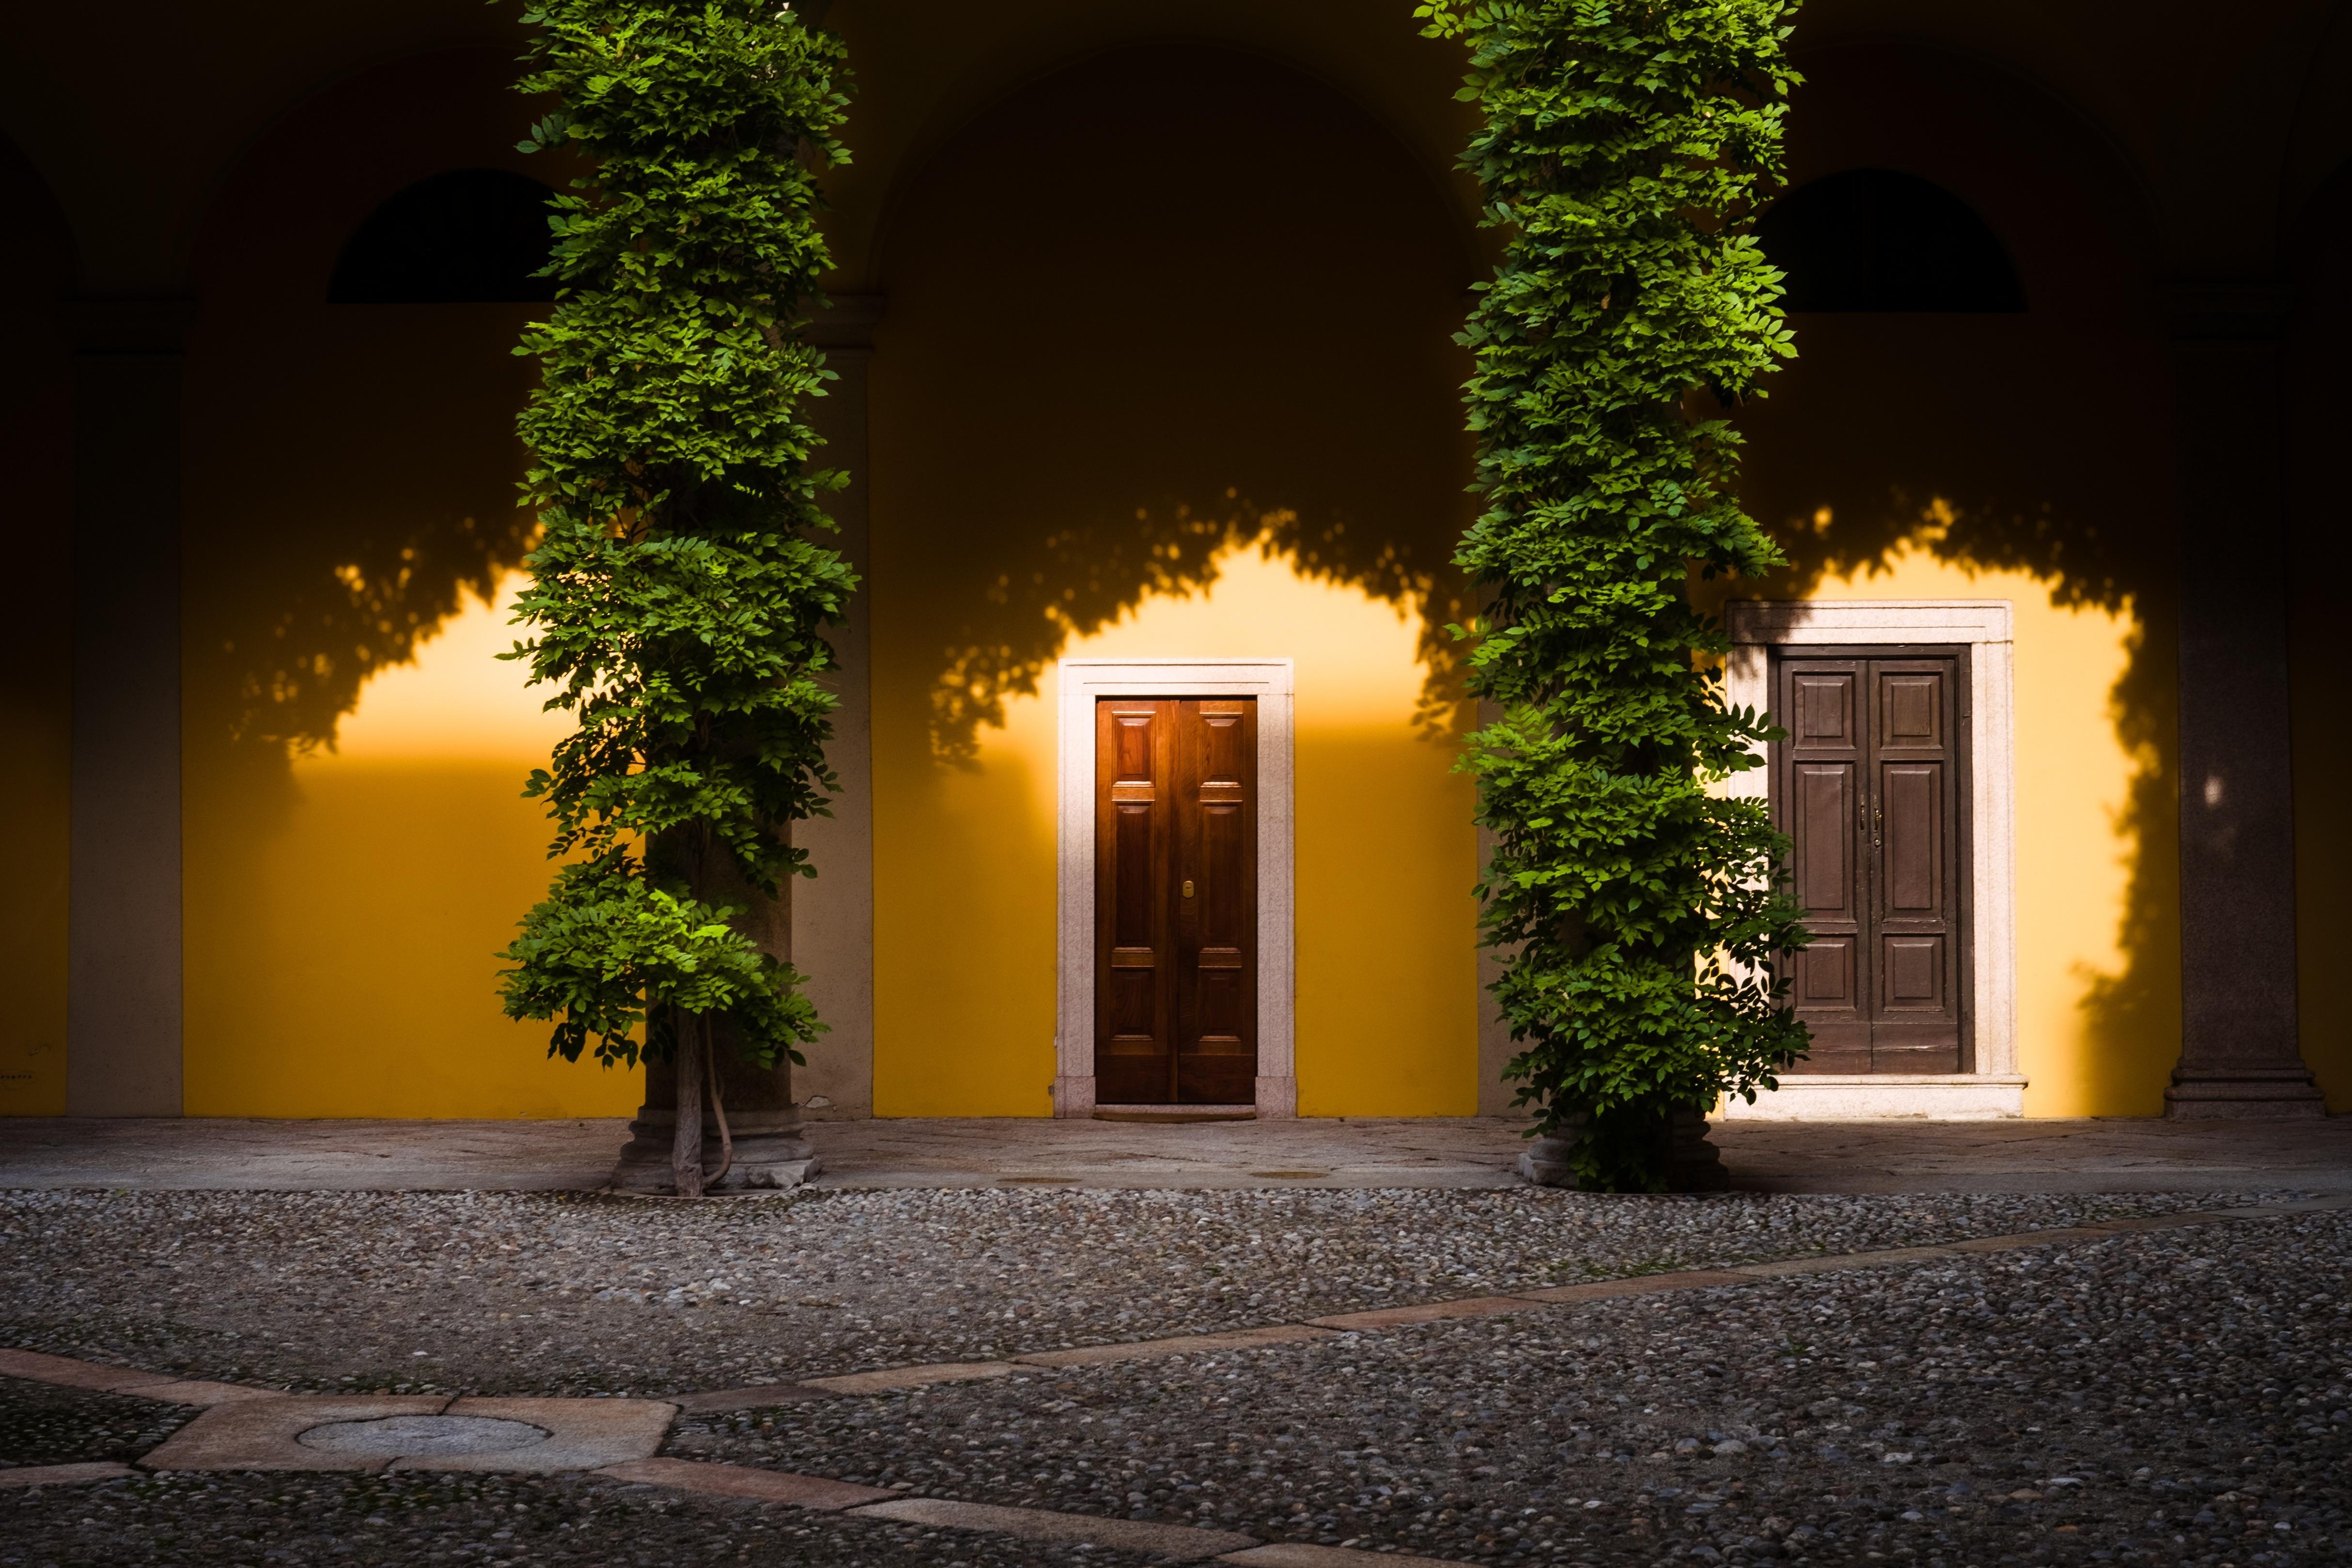 Gratis Afbeeldingen : boom, architectuur, nacht, huis, zonlicht ...